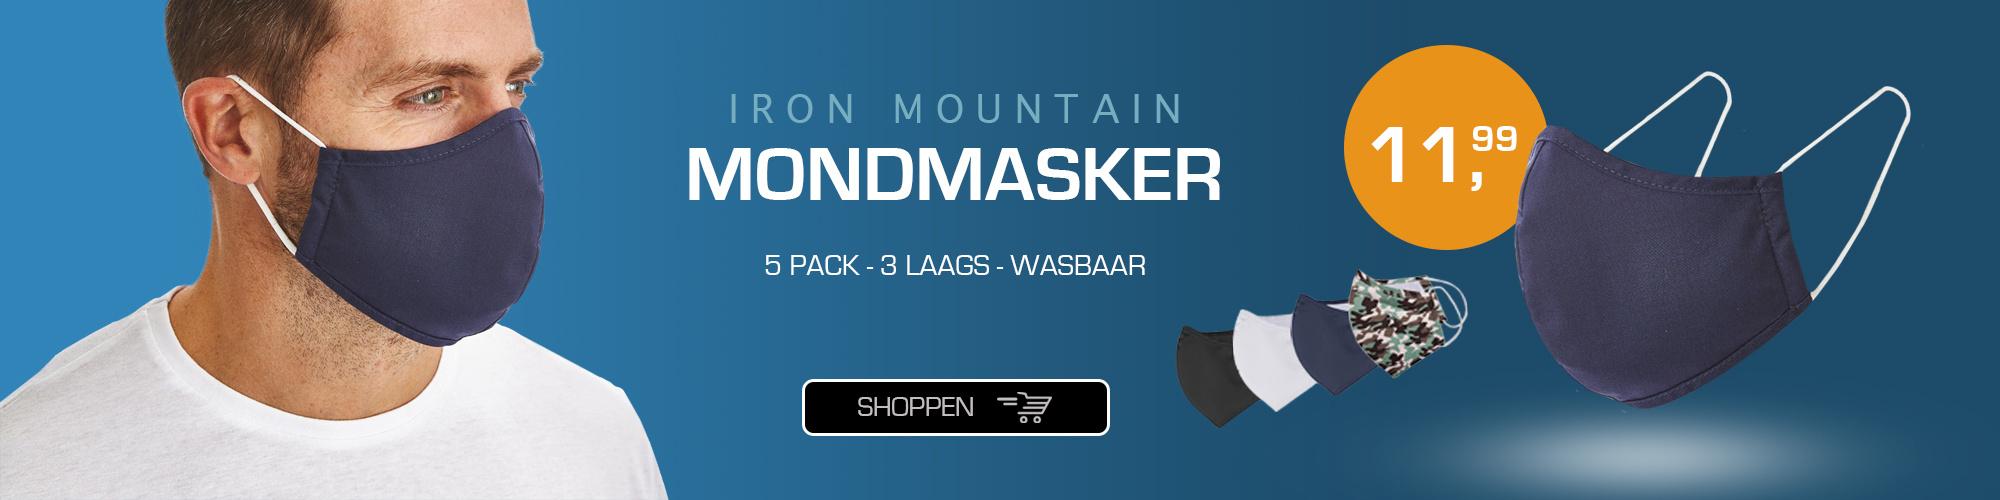 Iron Mountain mondmasker